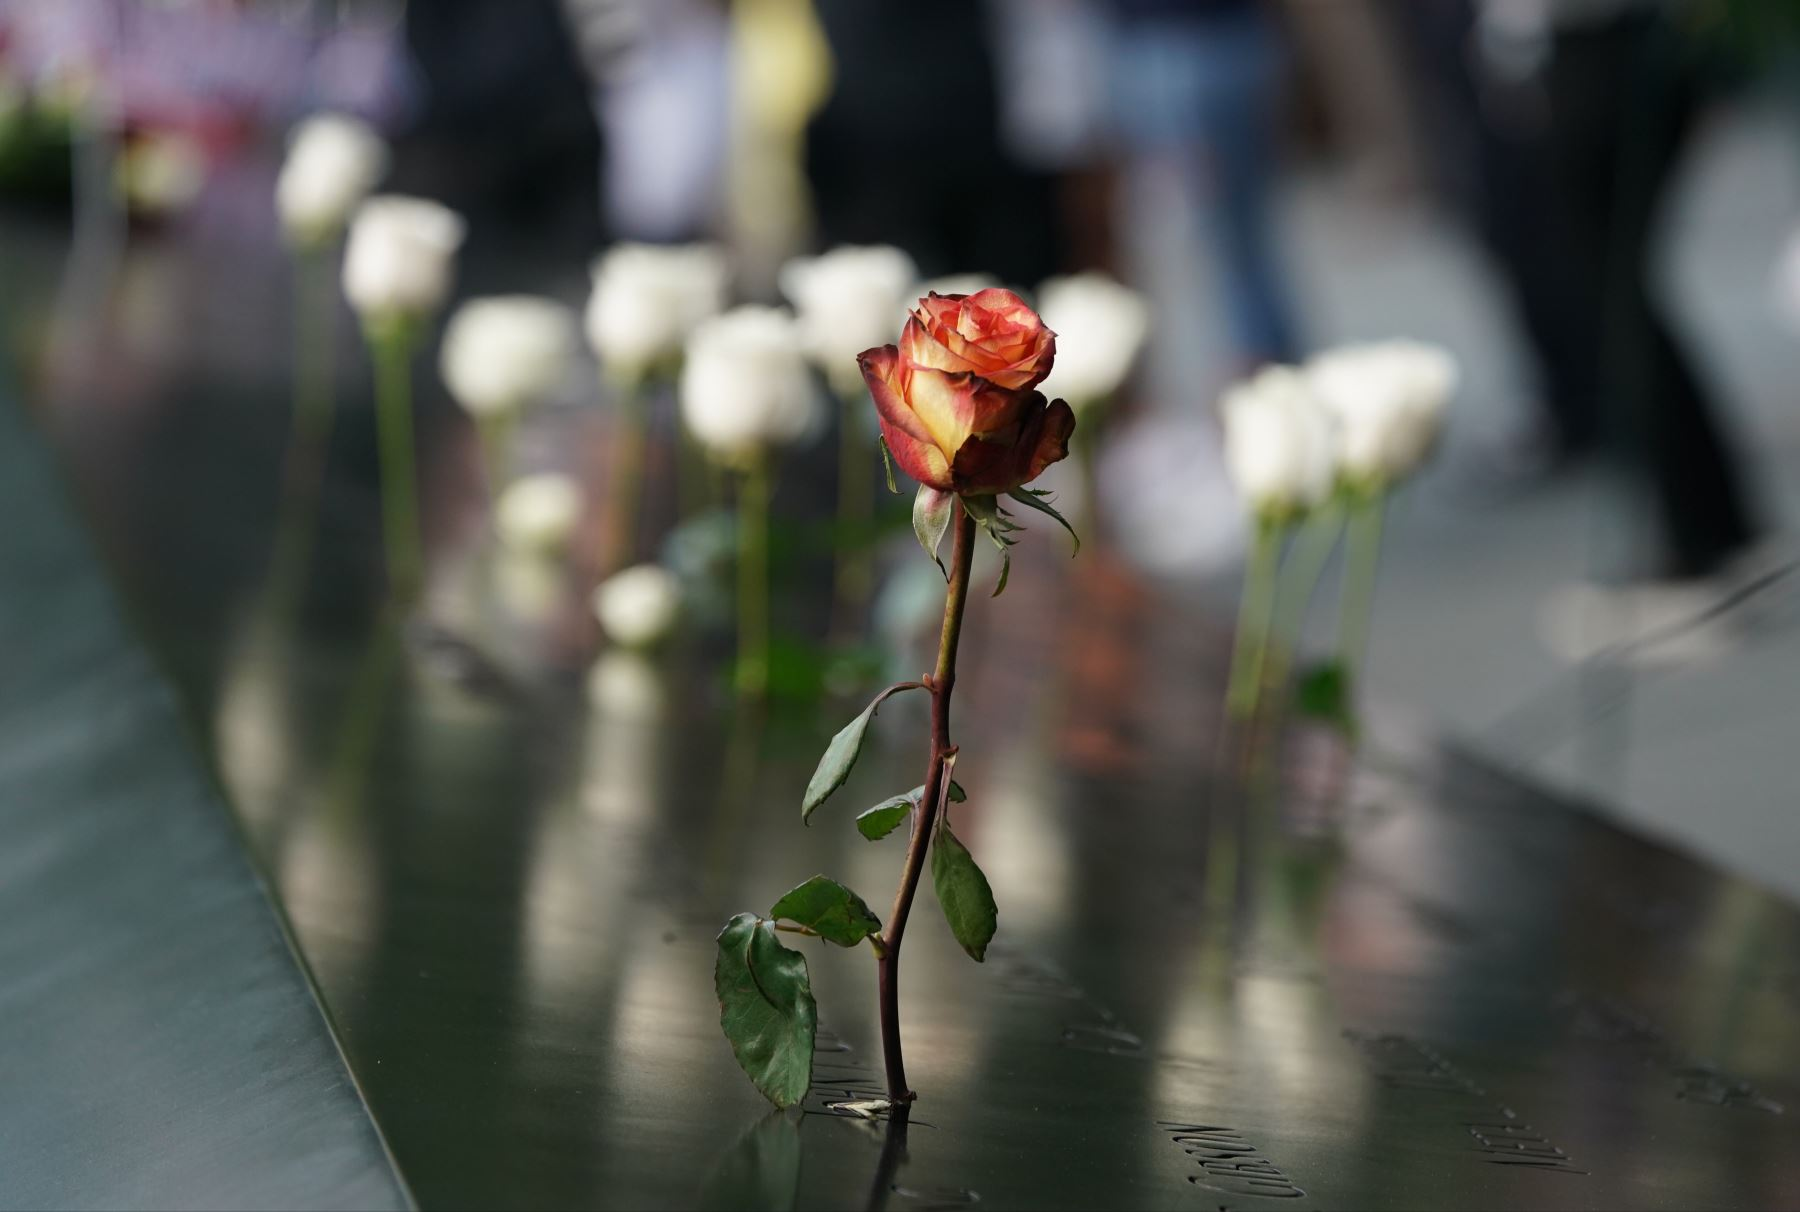 La gente deja flores durante la Ceremonia de Conmemoración del 11 de septiembre en el 9/11 Memorial en el World Trade Center en Nueva York. Foto: AFP